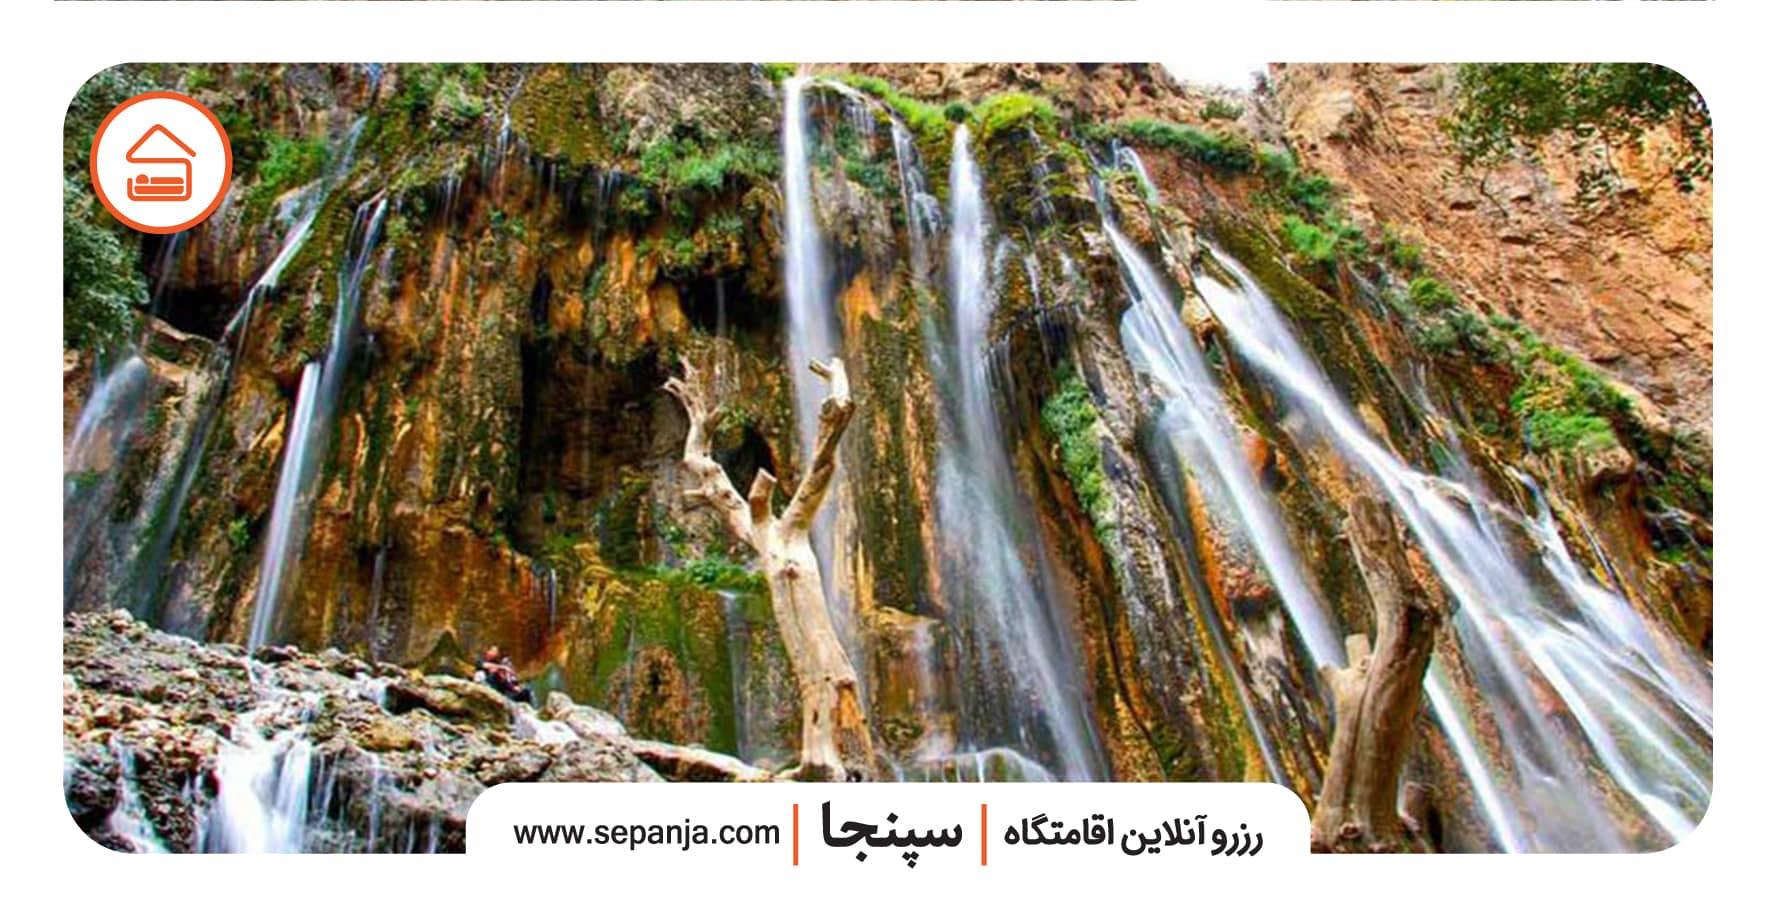 نمایی از آبشارهای اطراف شیراز